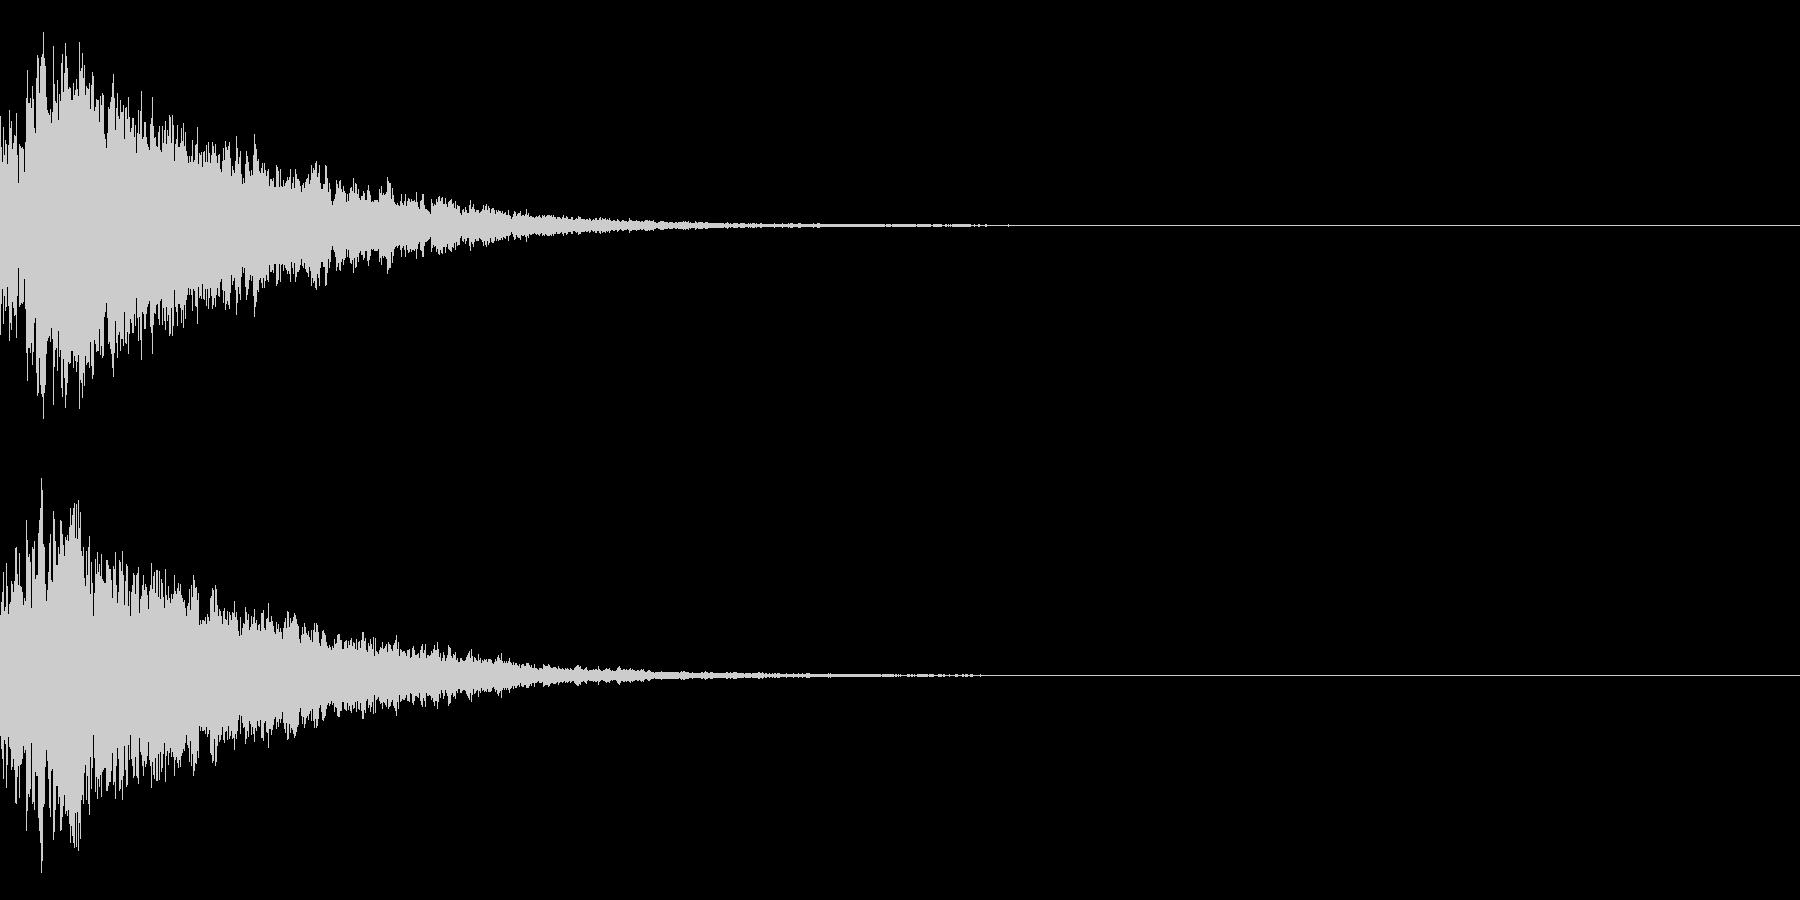 キラキラ光る☆テロップ音 ボタン音 4cの未再生の波形